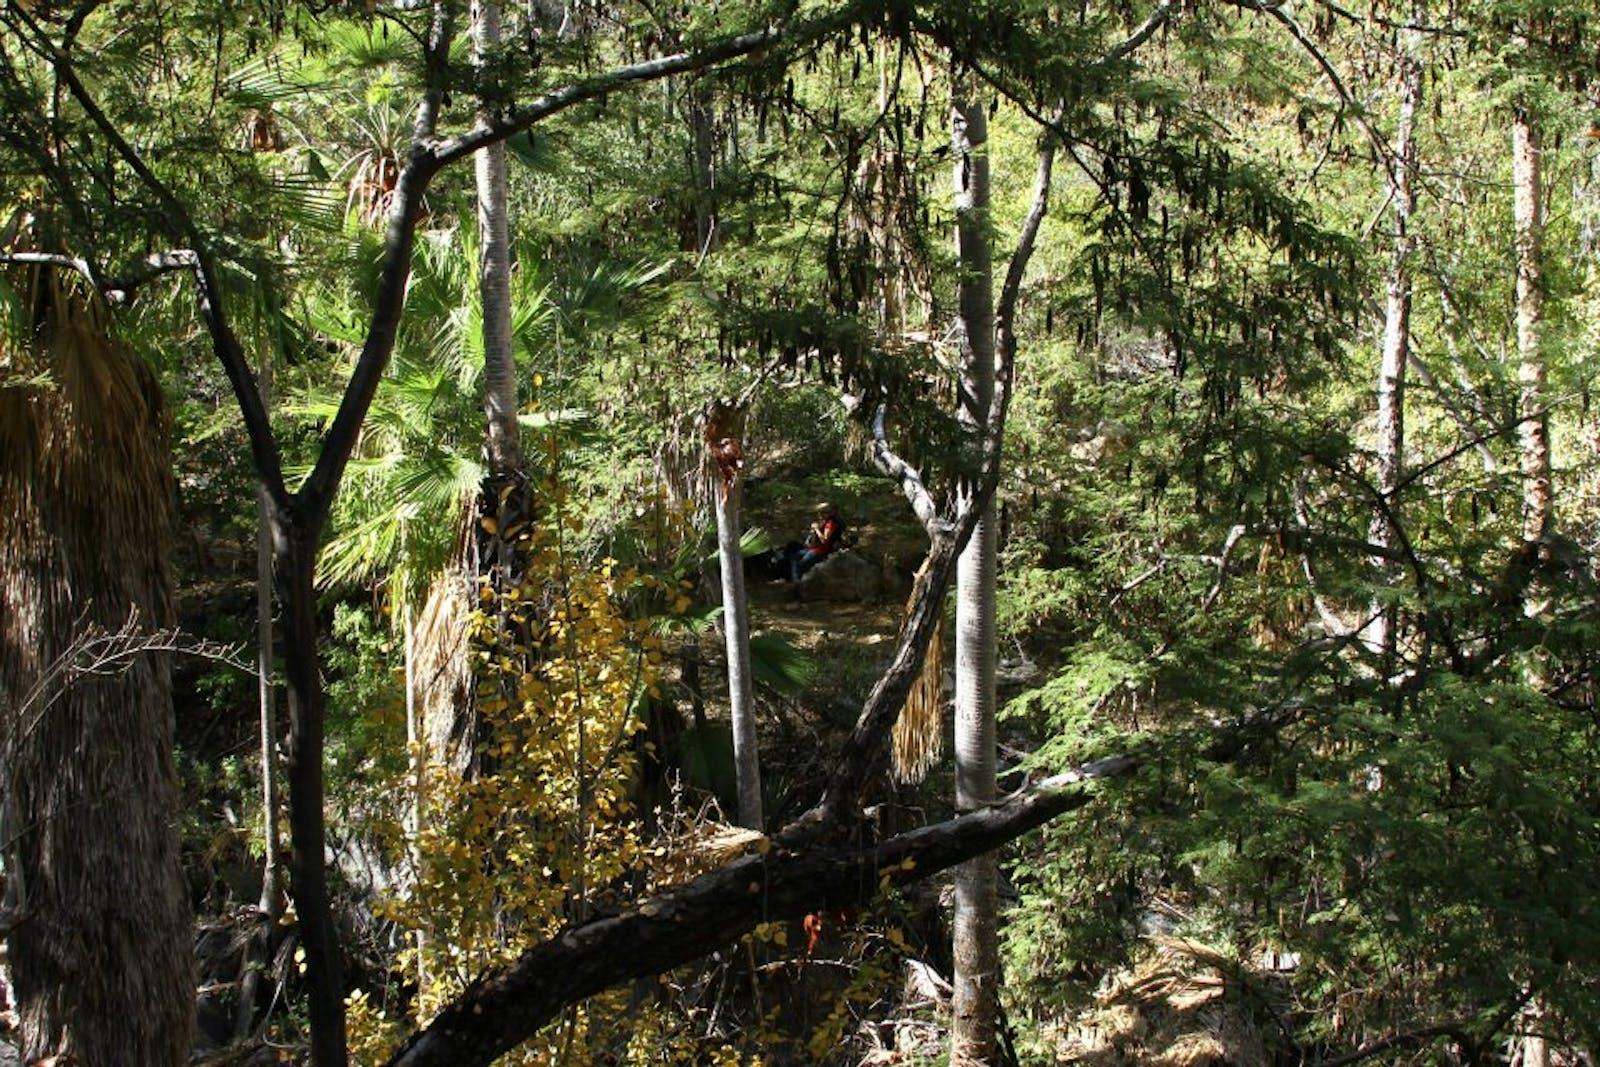 Sierra de la Laguna Pine-Oak Forests